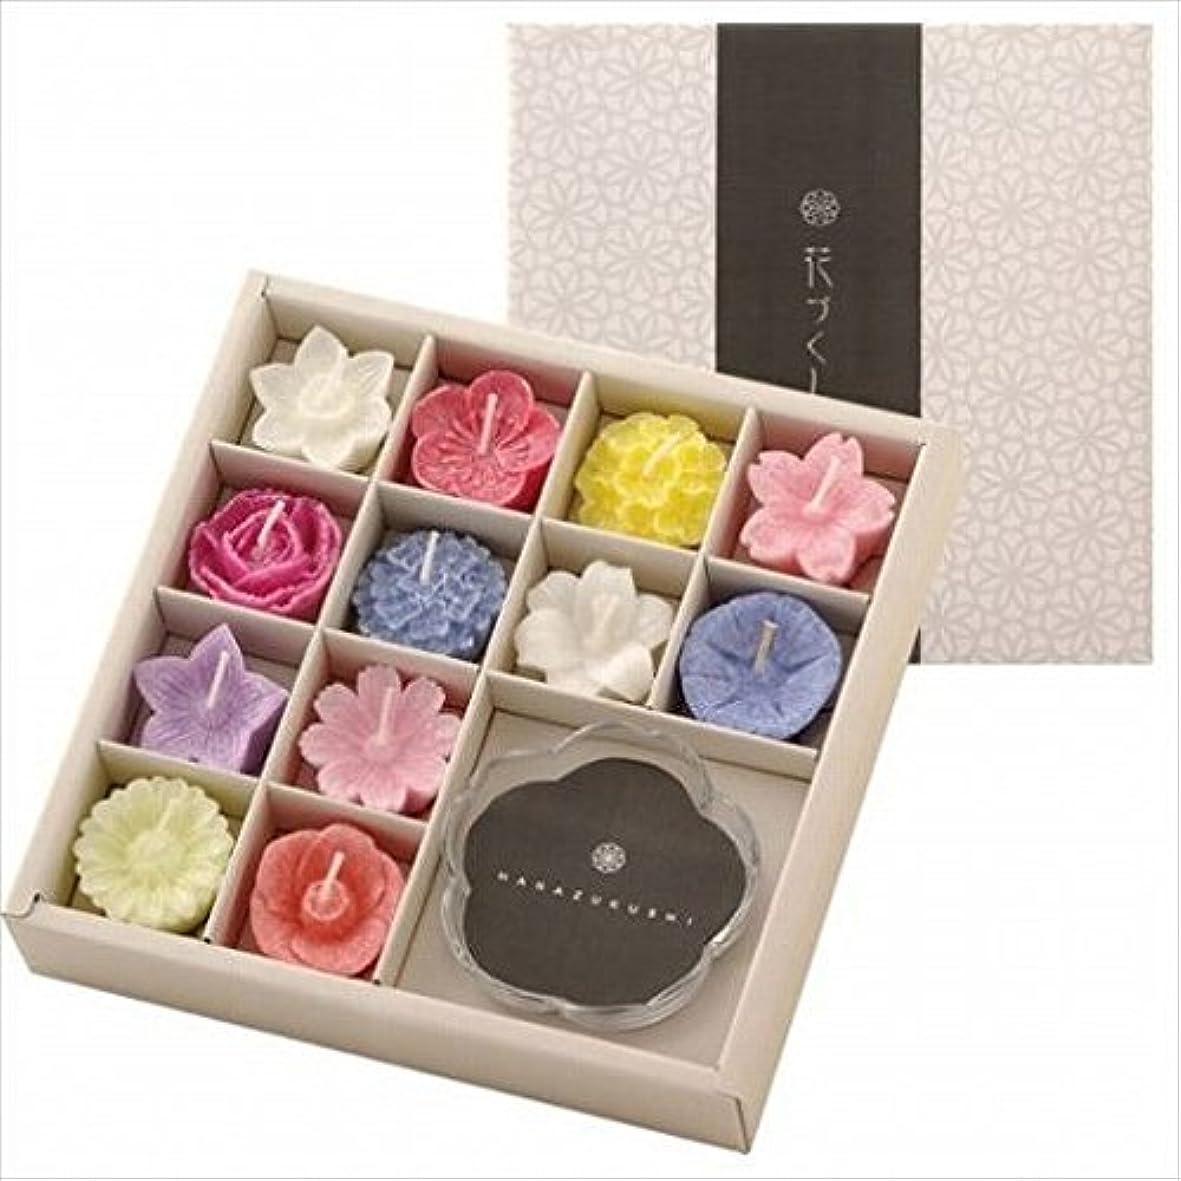 品種階現実的kameyama candle(カメヤマキャンドル) 花づくしギフトセット(植物性) キャンドル(96200700)